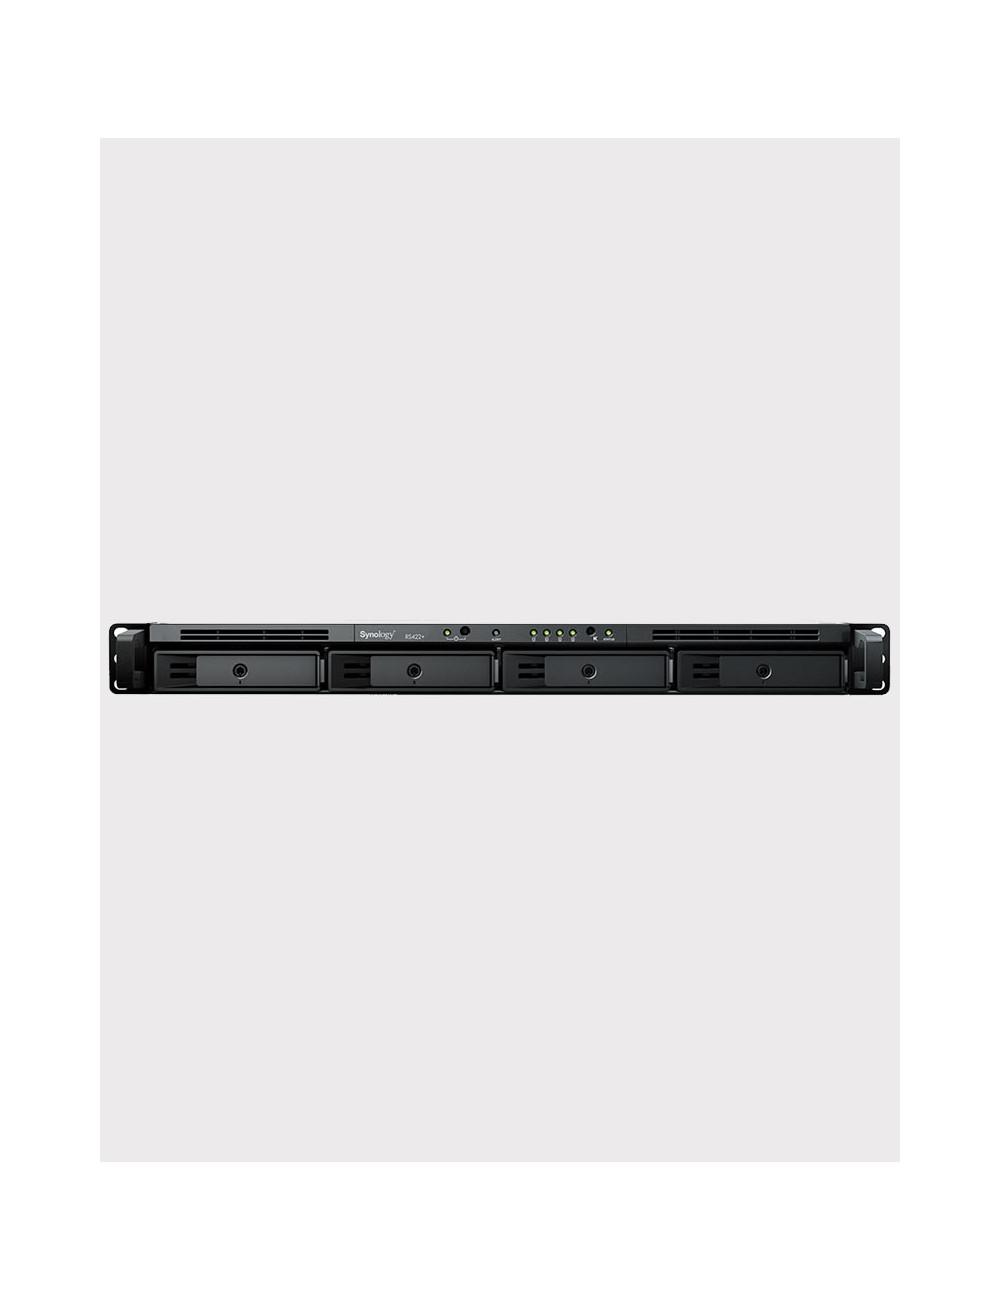 Pack 15 BAL ZIMBRA PRO + 1 Domaine .COM - 1 an